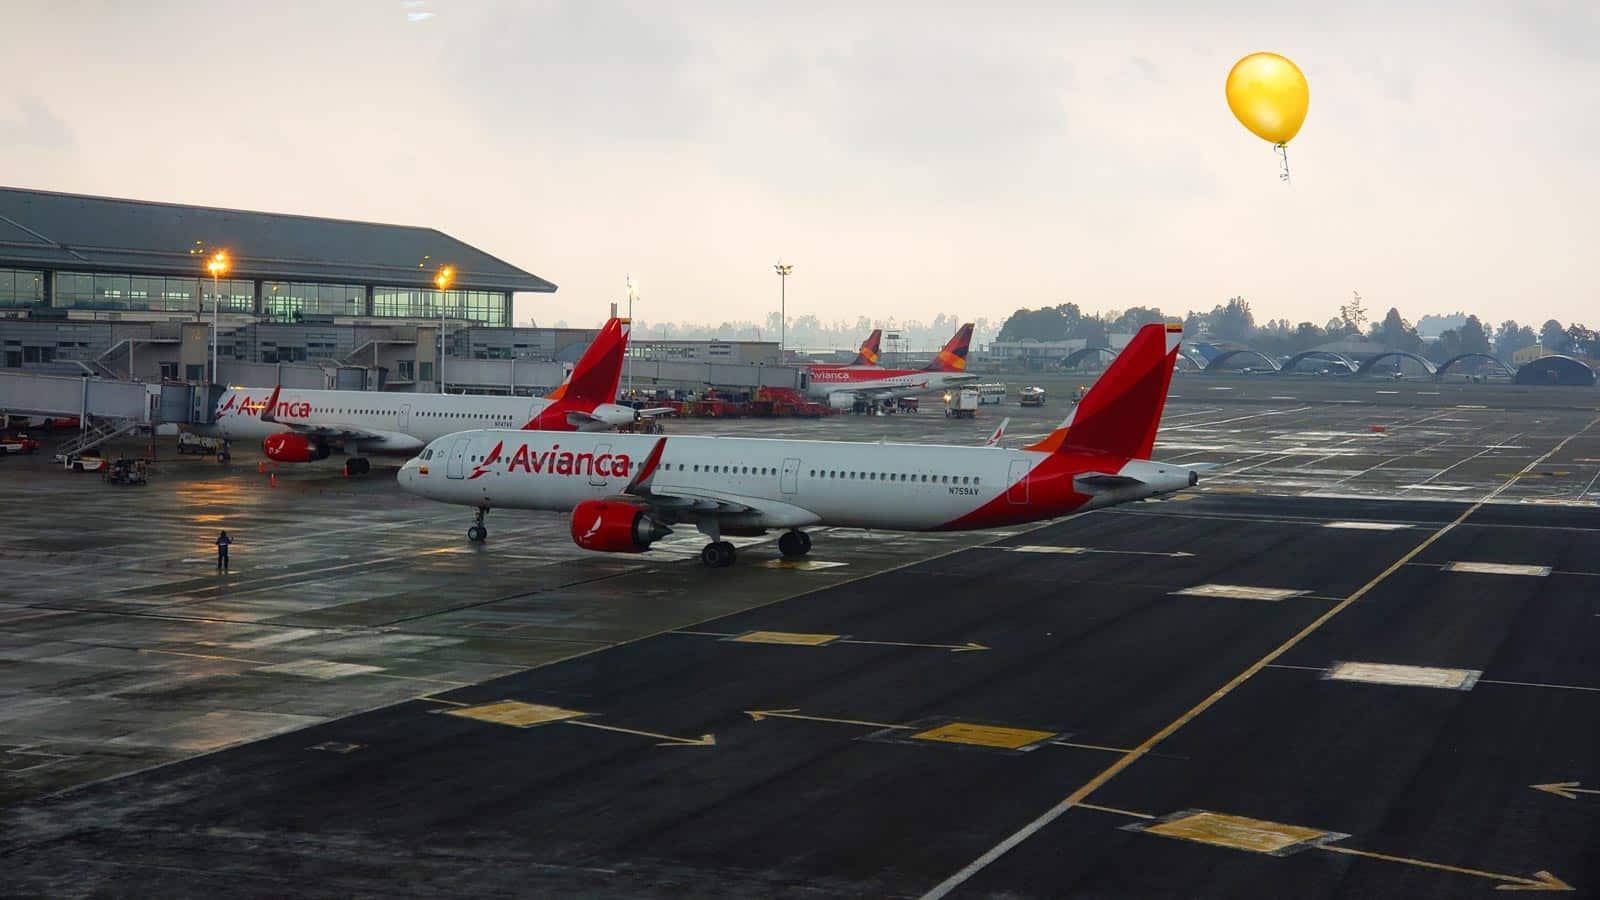 El Aeropuerto El Dorado de Bogotá canceló sus operaciones por el vuelo de un globo.